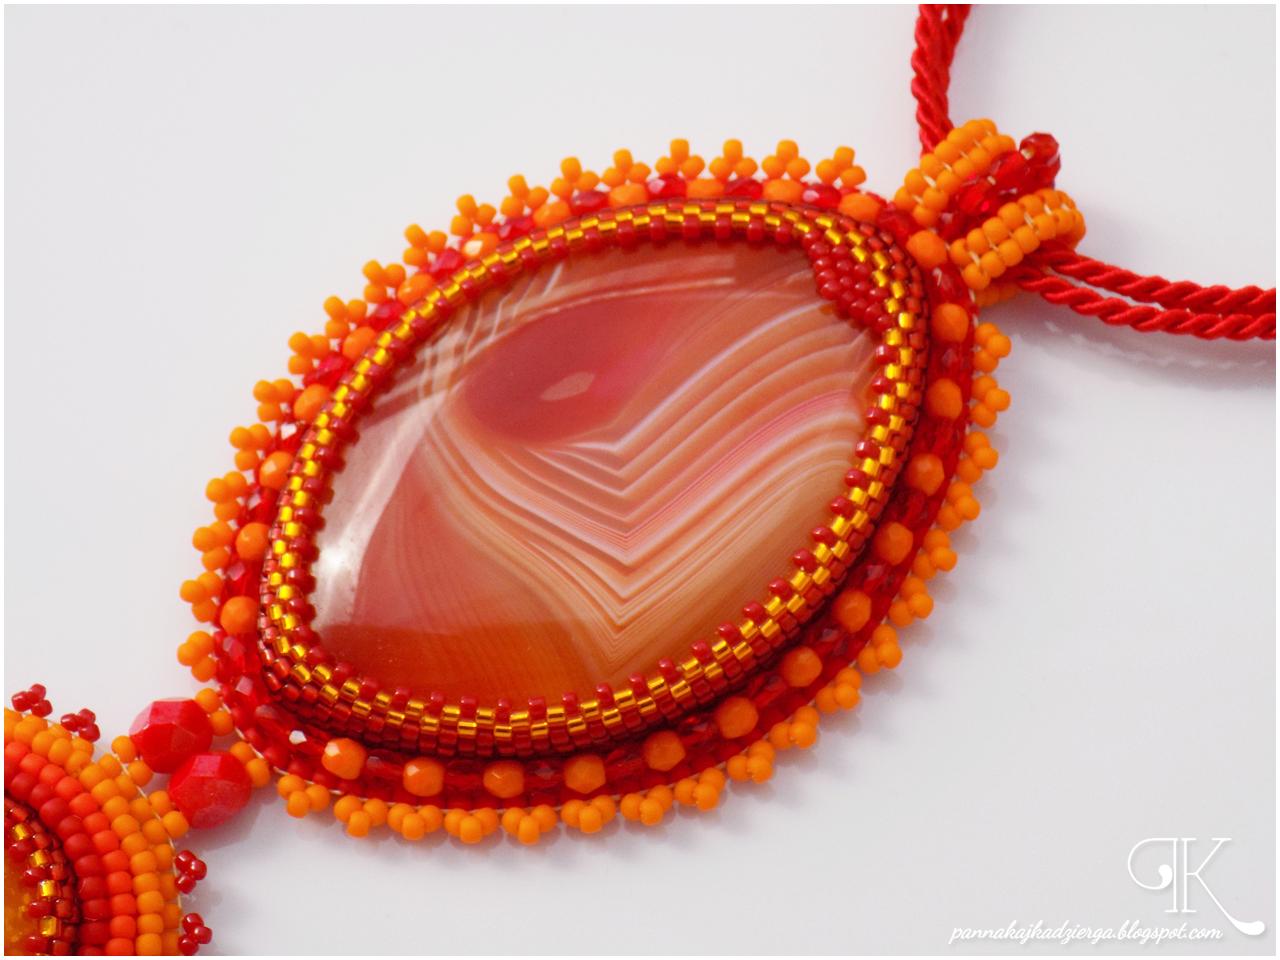 agat, wisior, handmade, rękodzieło, biżuteria, jewellery, jaspis, minerały, kaboszon, pomarańczowy, czerwony, żółty, wakacje, słońce, zachód słońca,